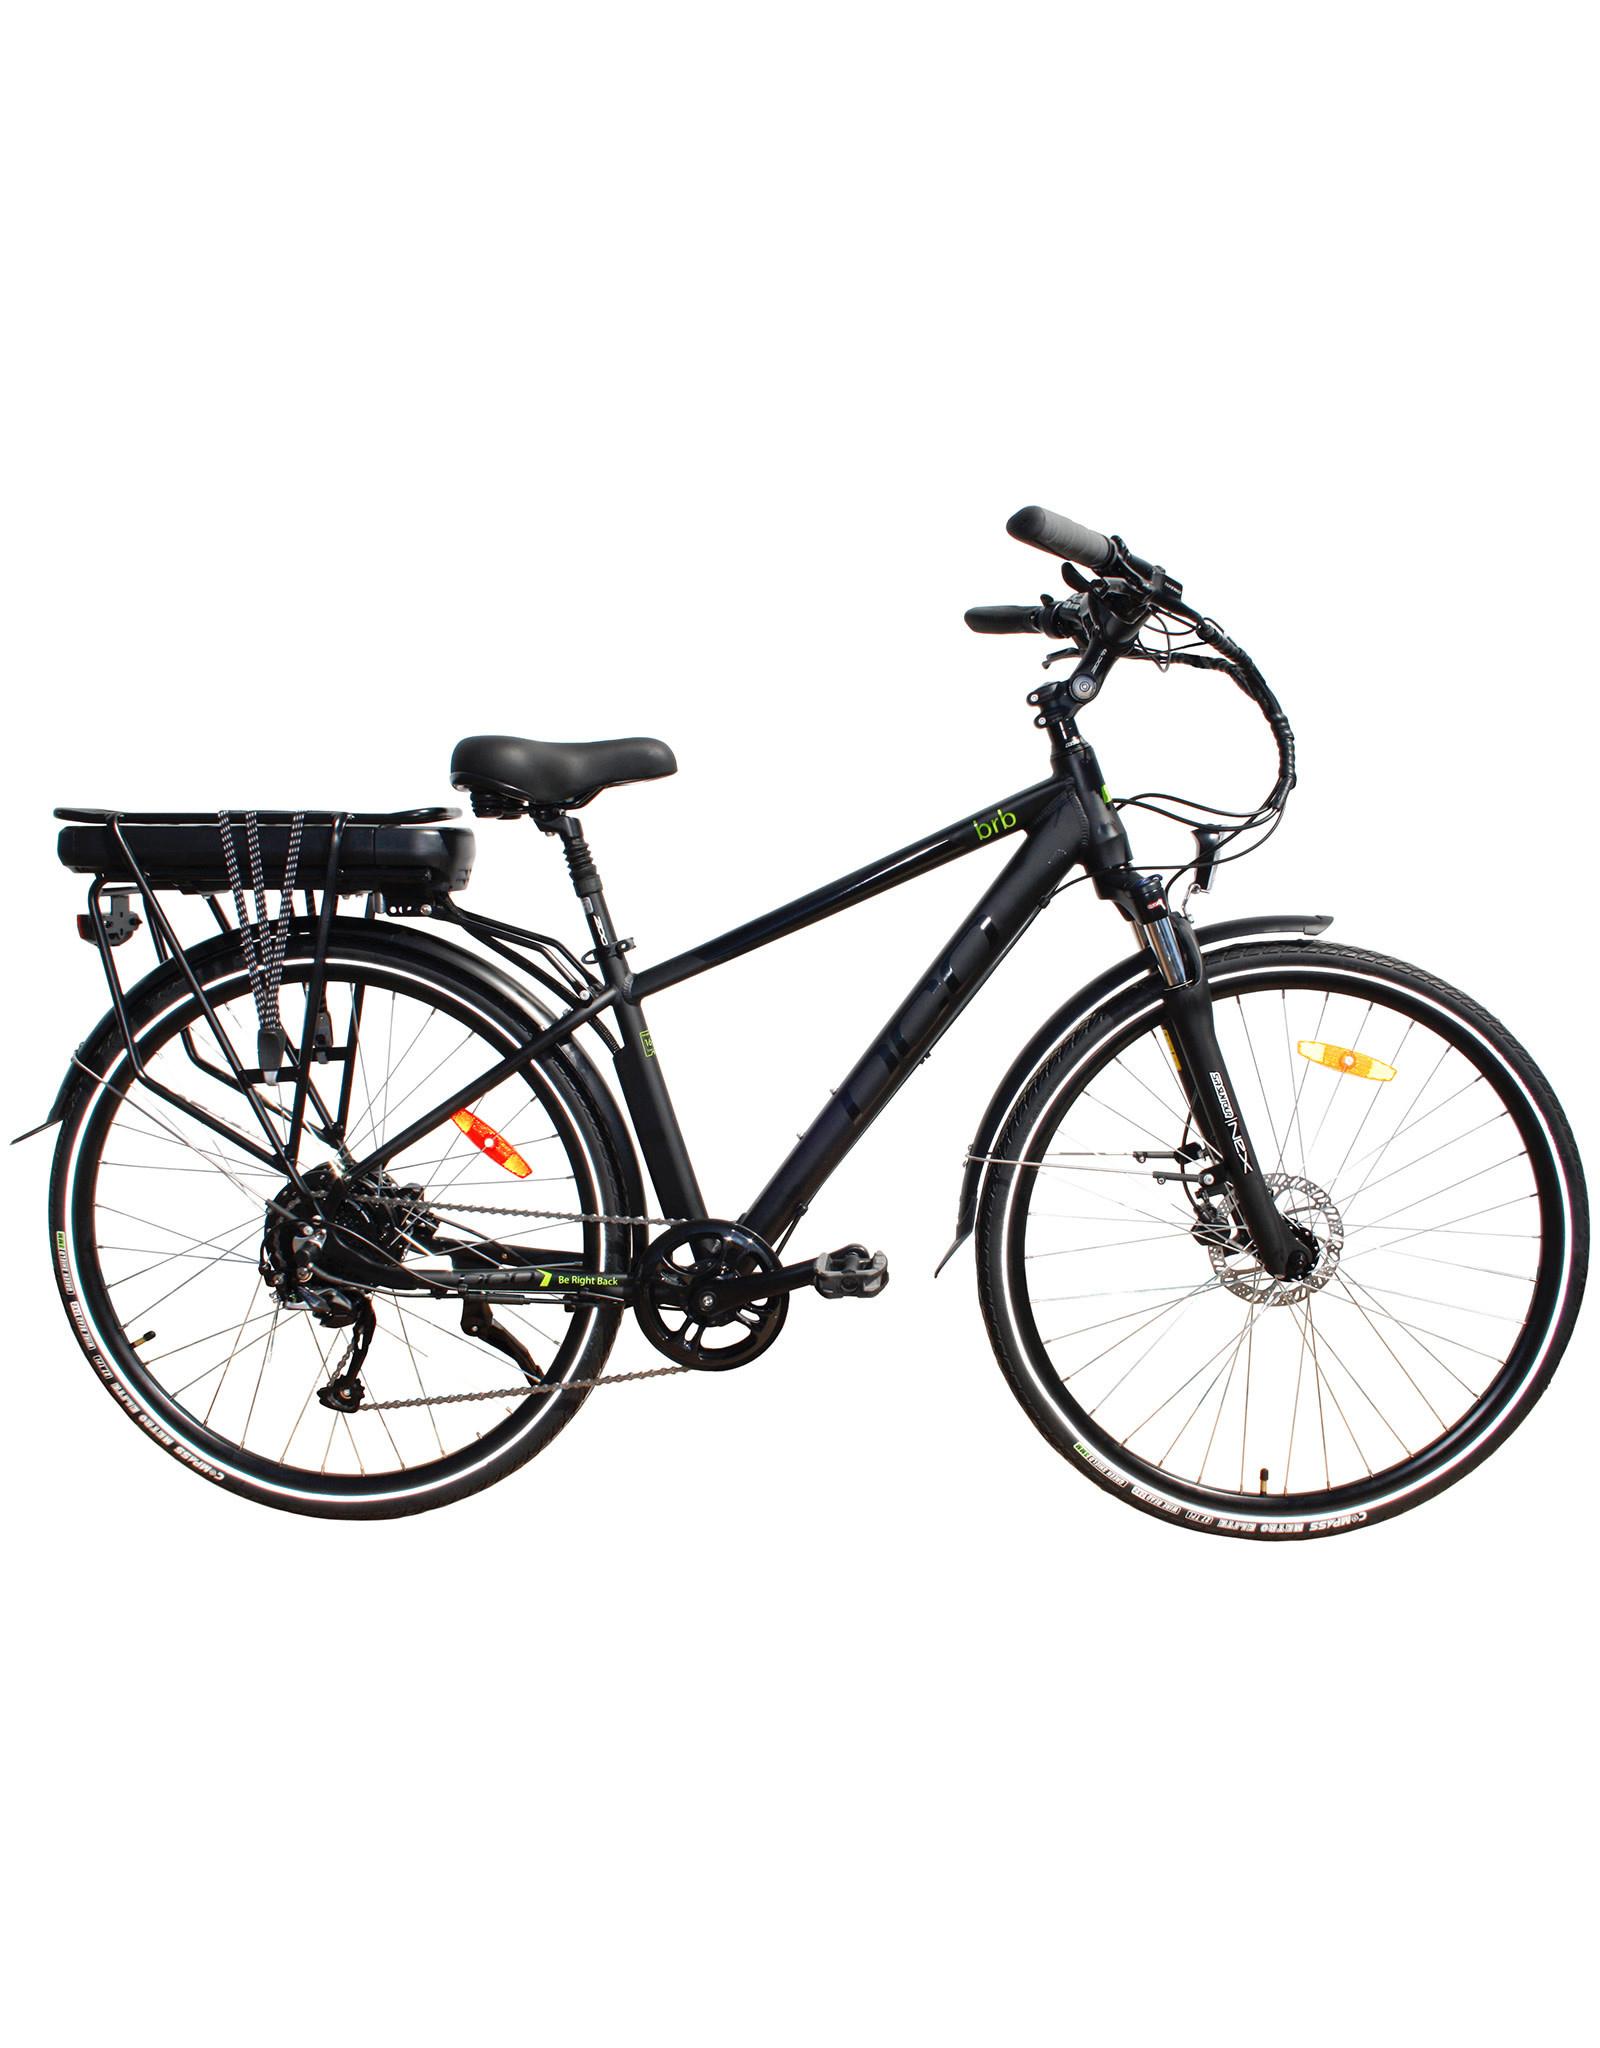 Electric bike rental starting at 34,50$